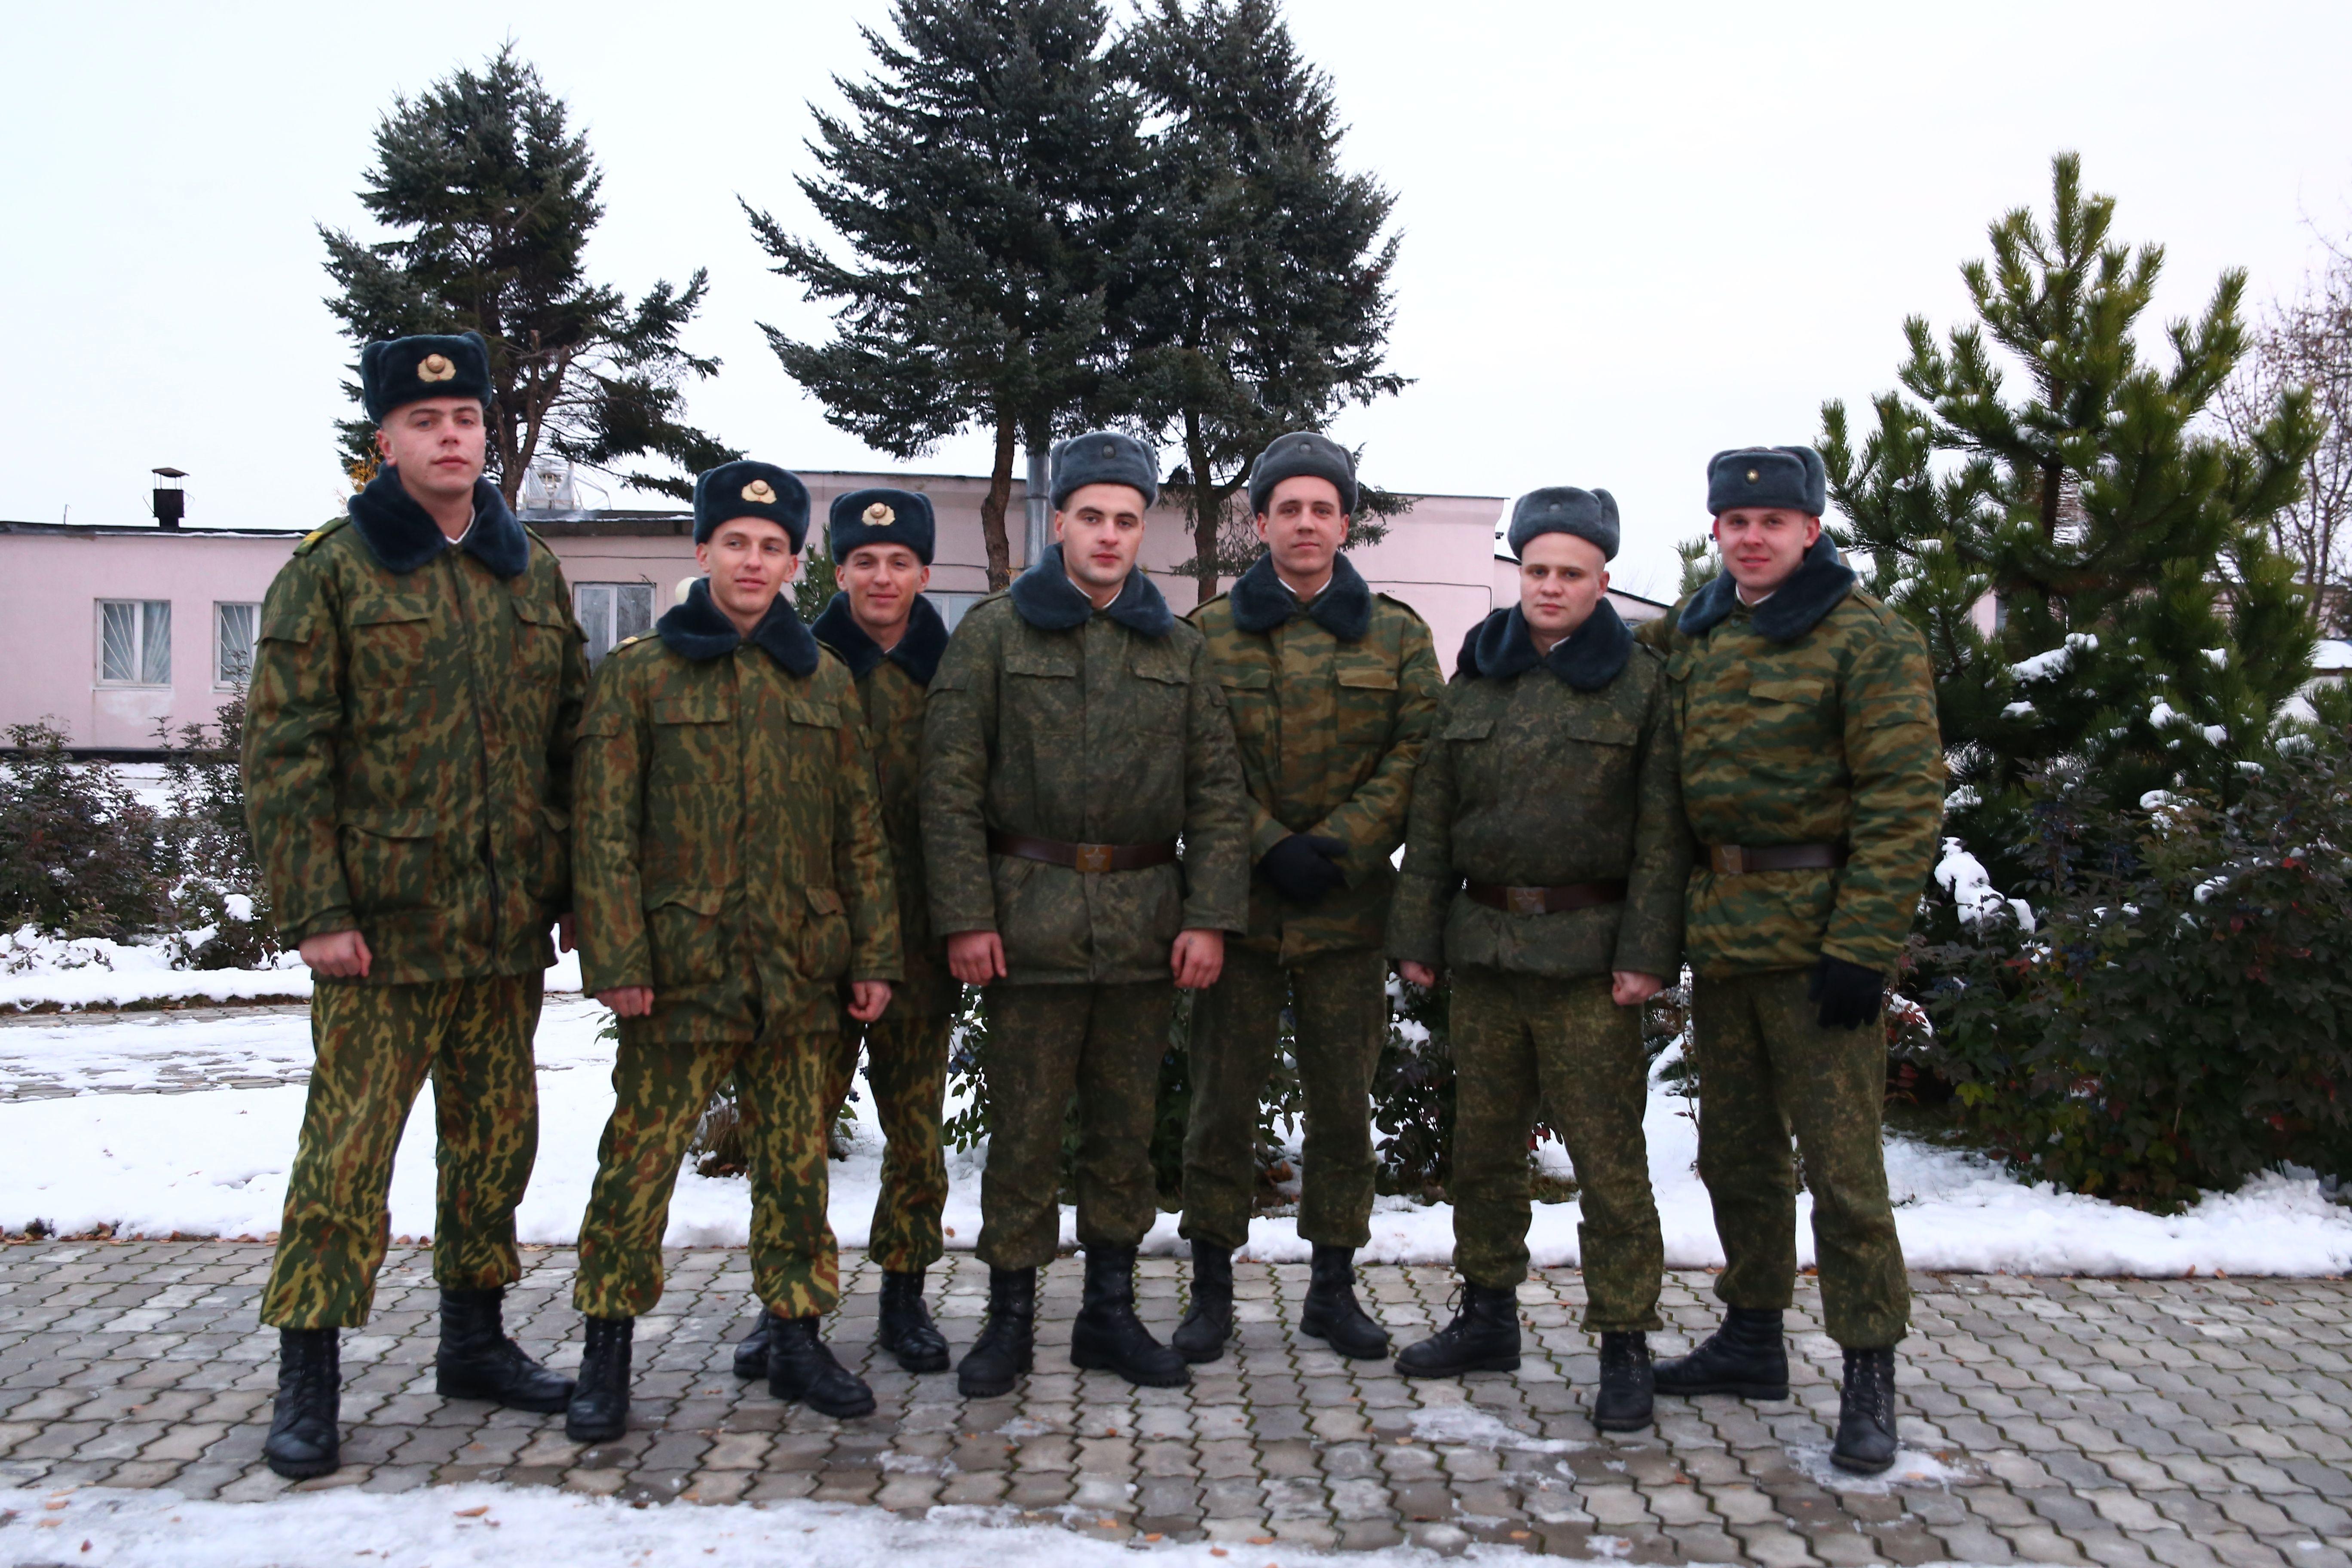 Торжественное мероприятие, посвященное военнослужащим, увольняющимся в запас, прошло 14 ноября в войсковой части 7404. Фото: Евгений Тиханович